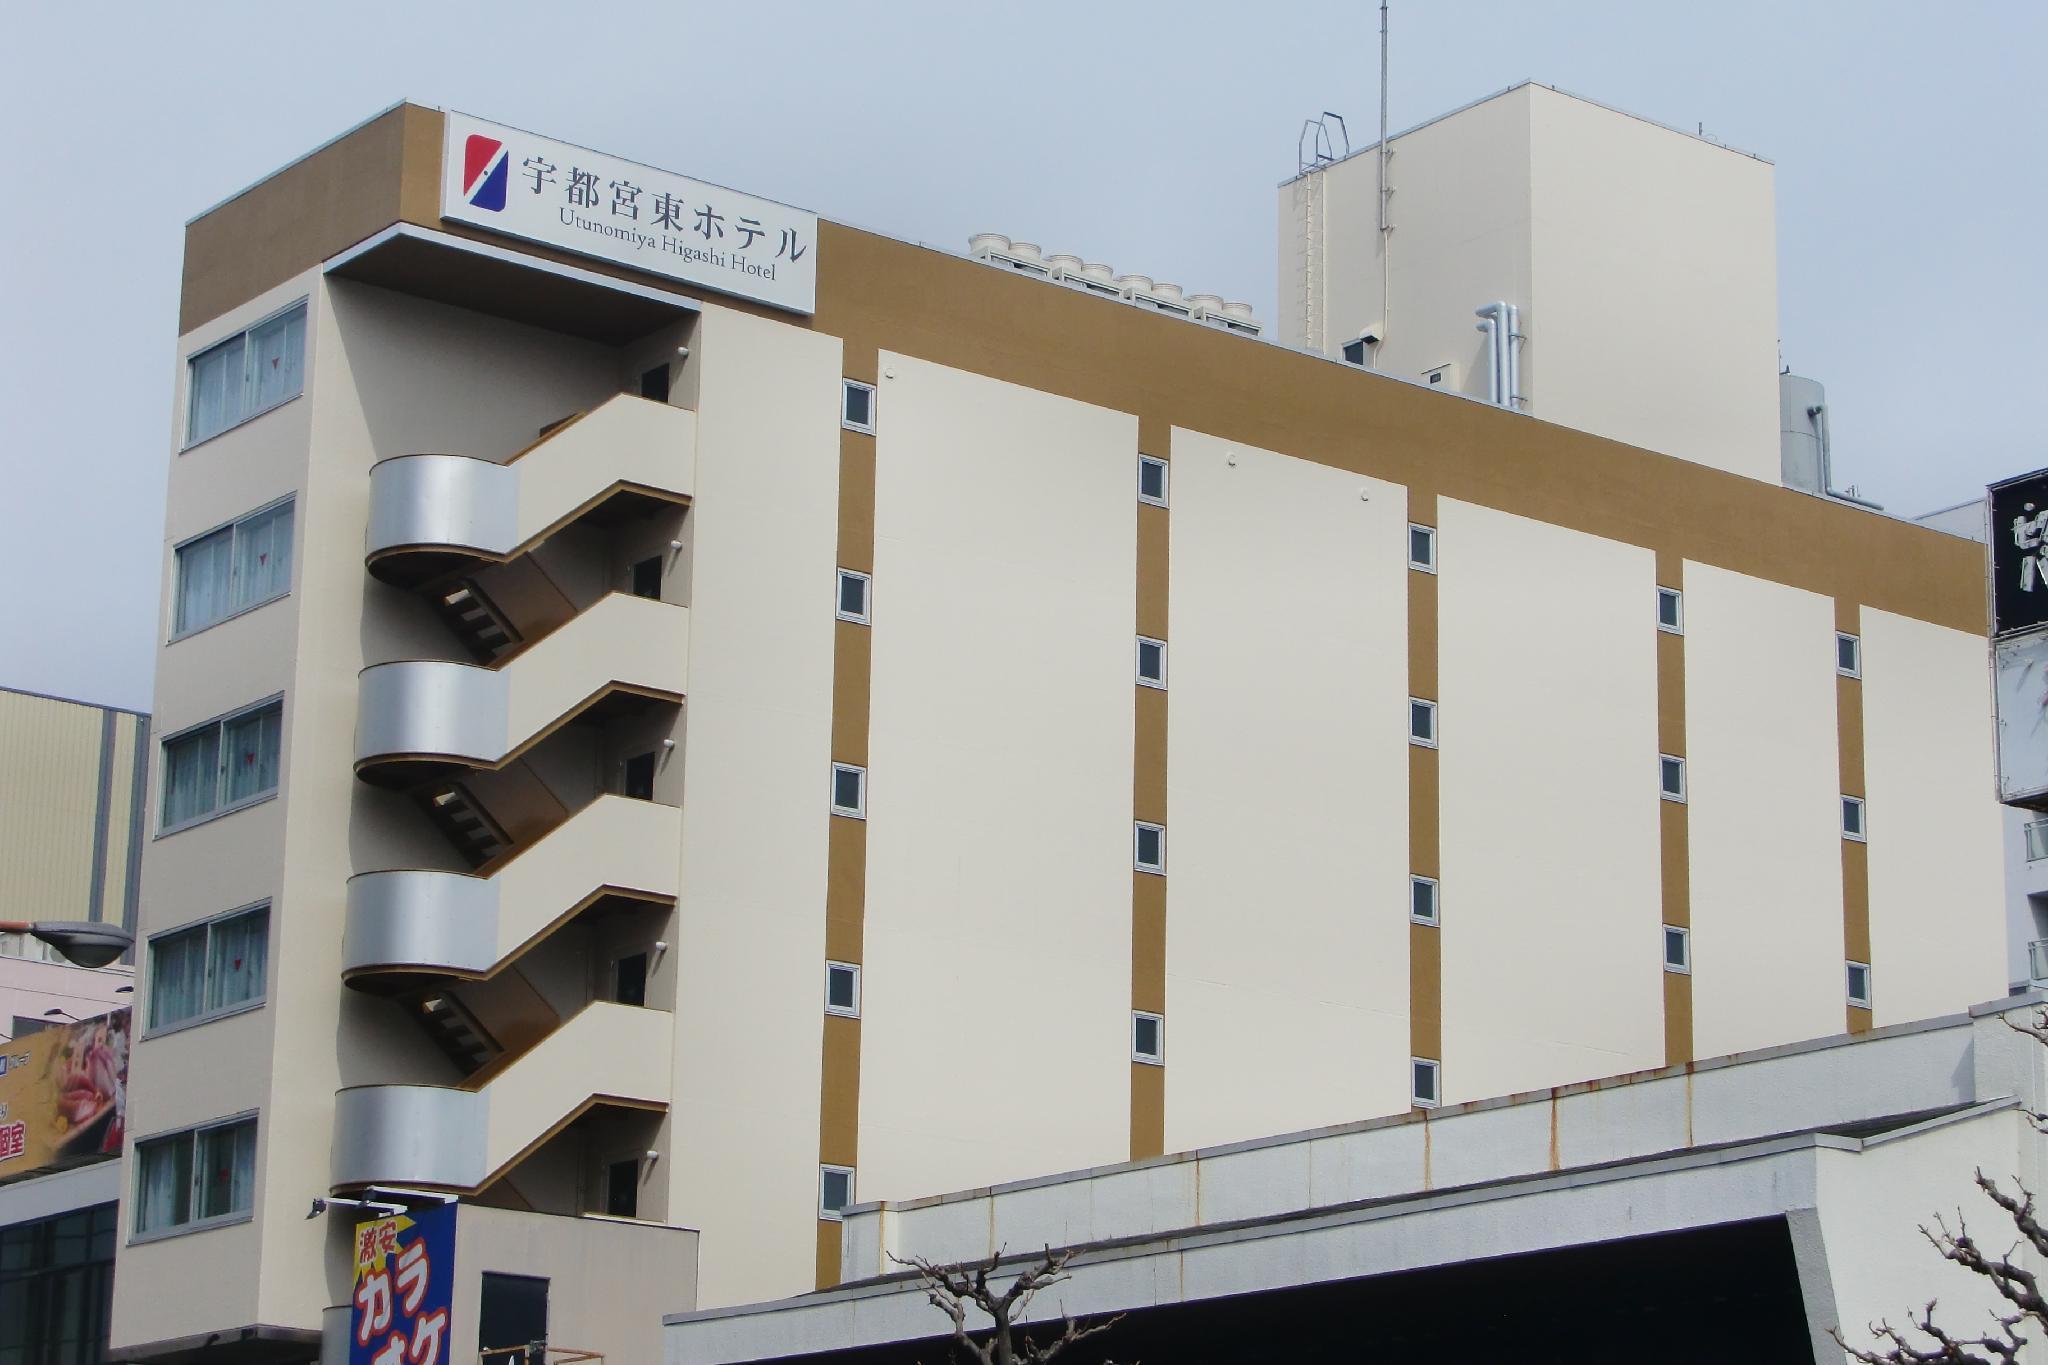 Utsunomiya Higashi Hotel, Utsunomiya